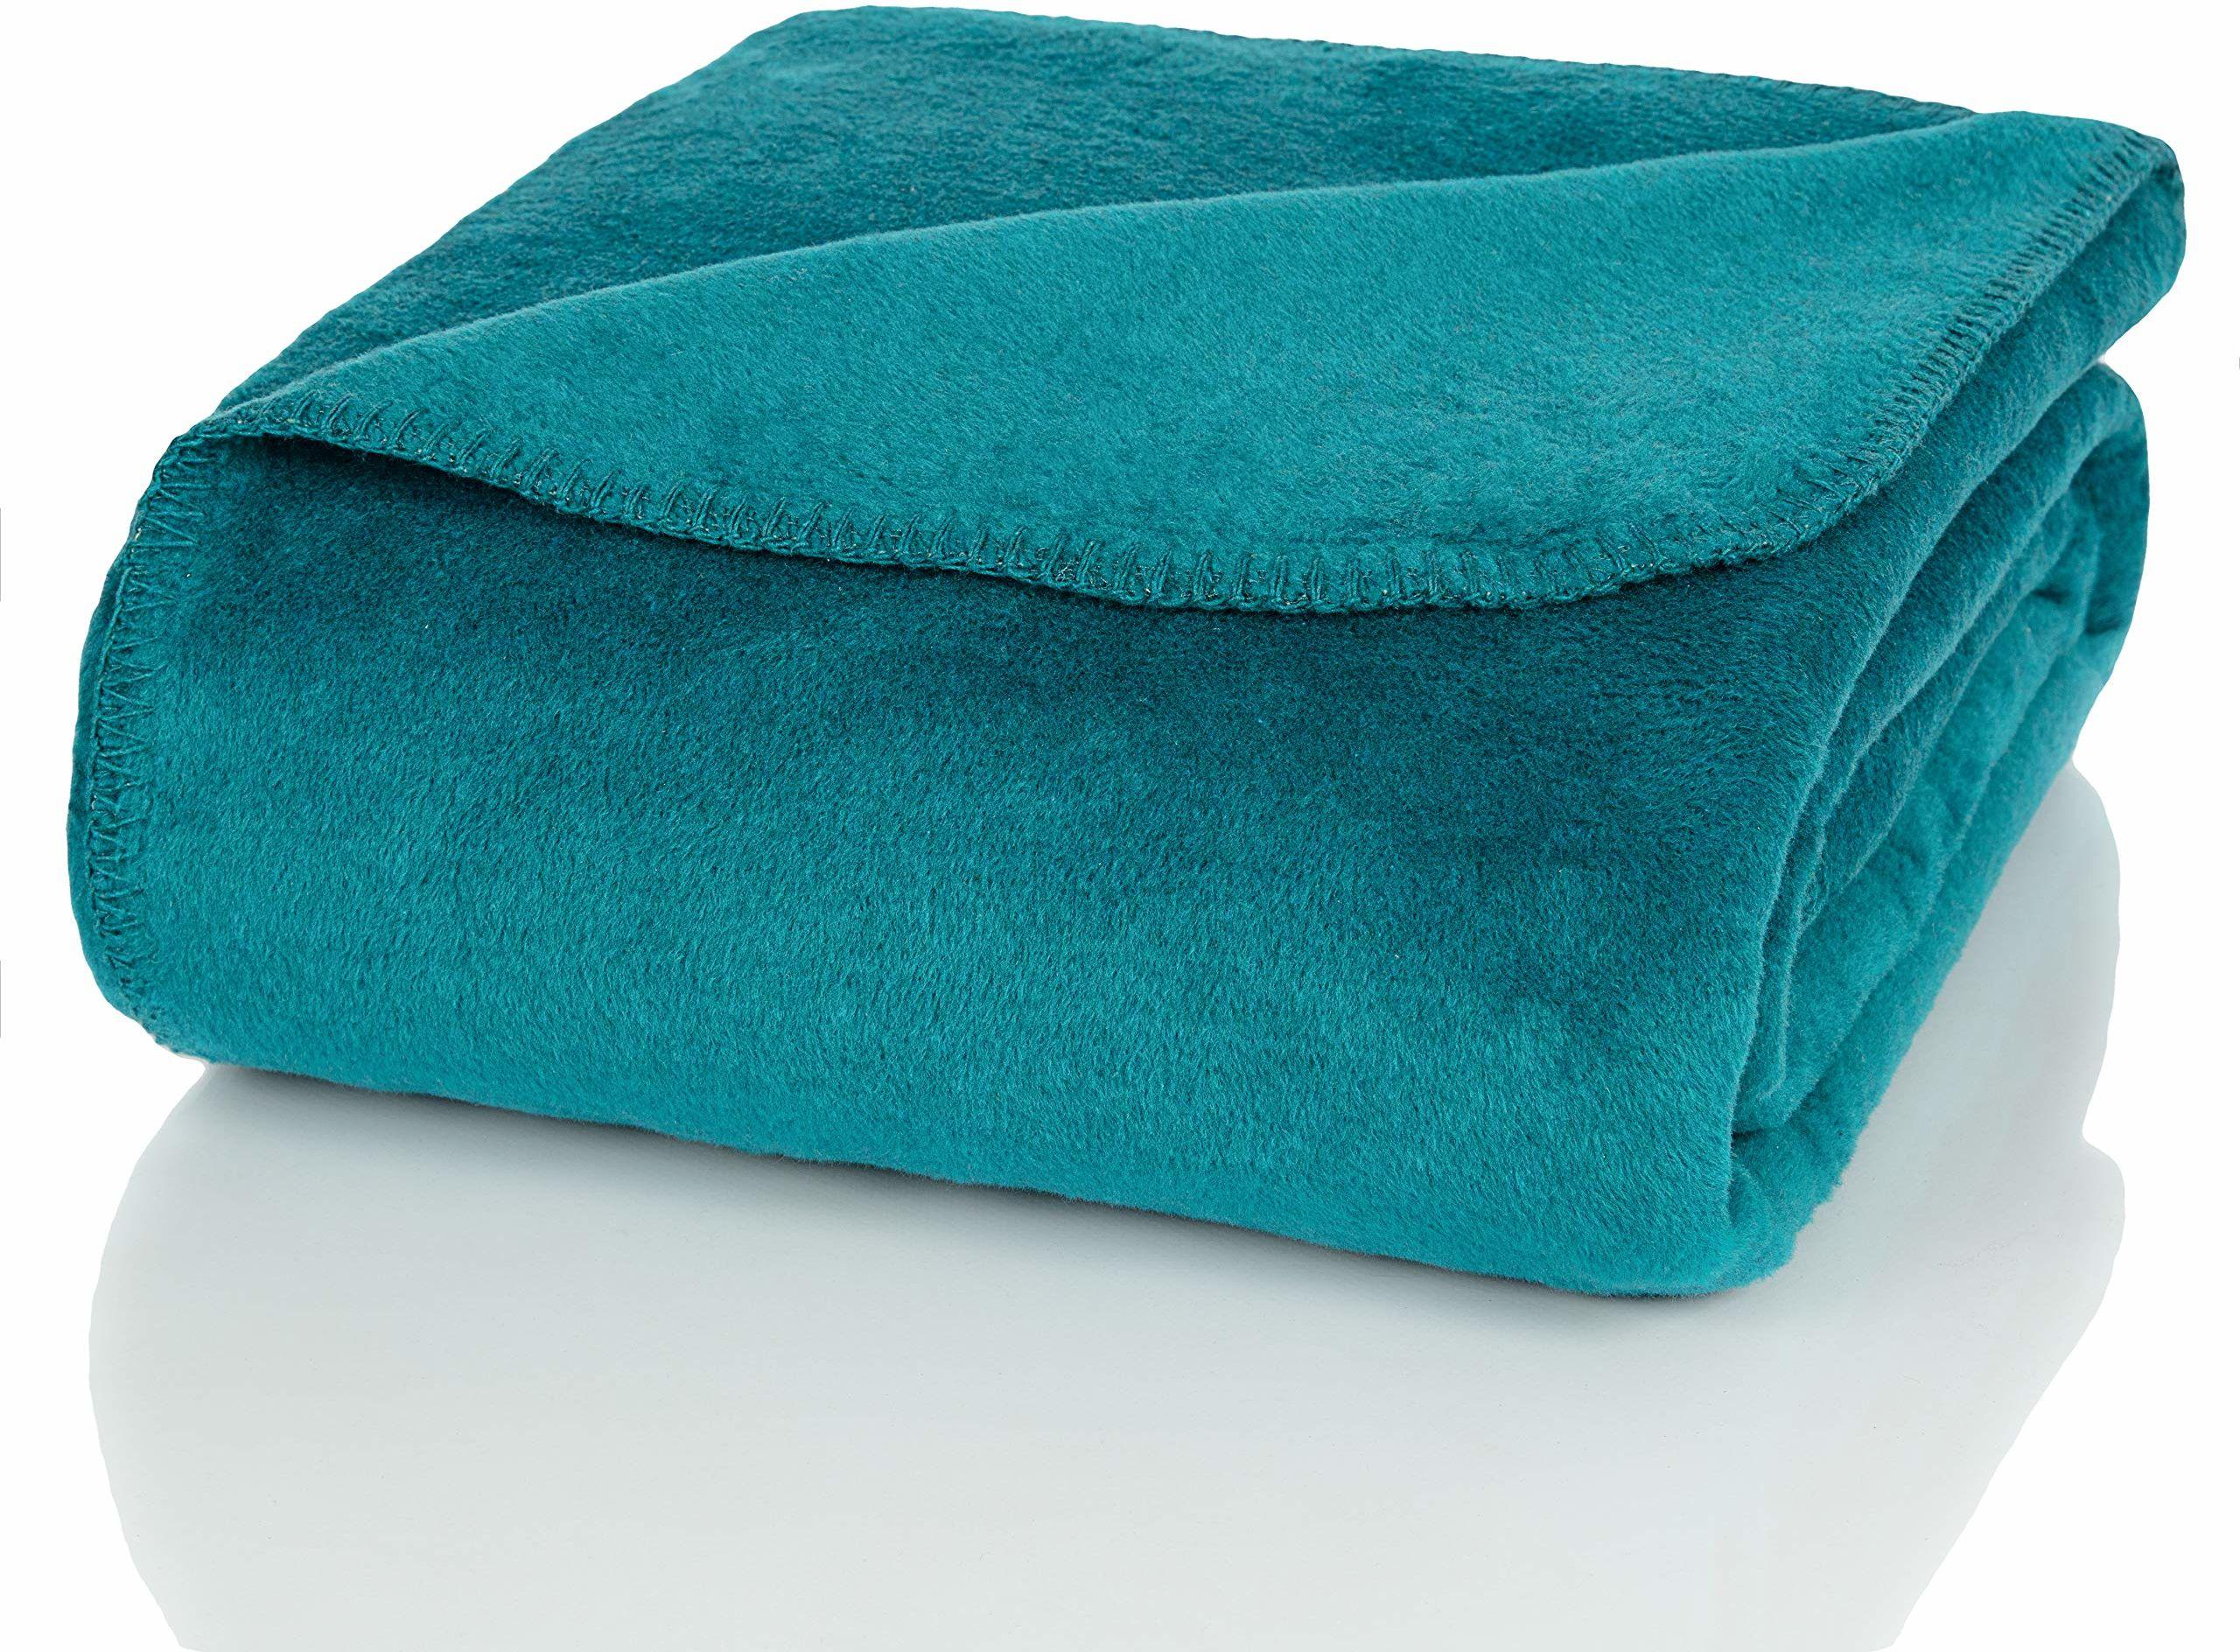 Glart Koc do przytulania uni petrol XL 150 x 200 cm sofa, miękki i ciepły koc wełniany bardzo puszysty jako narzuta na sofę, przytulny koc na sofę